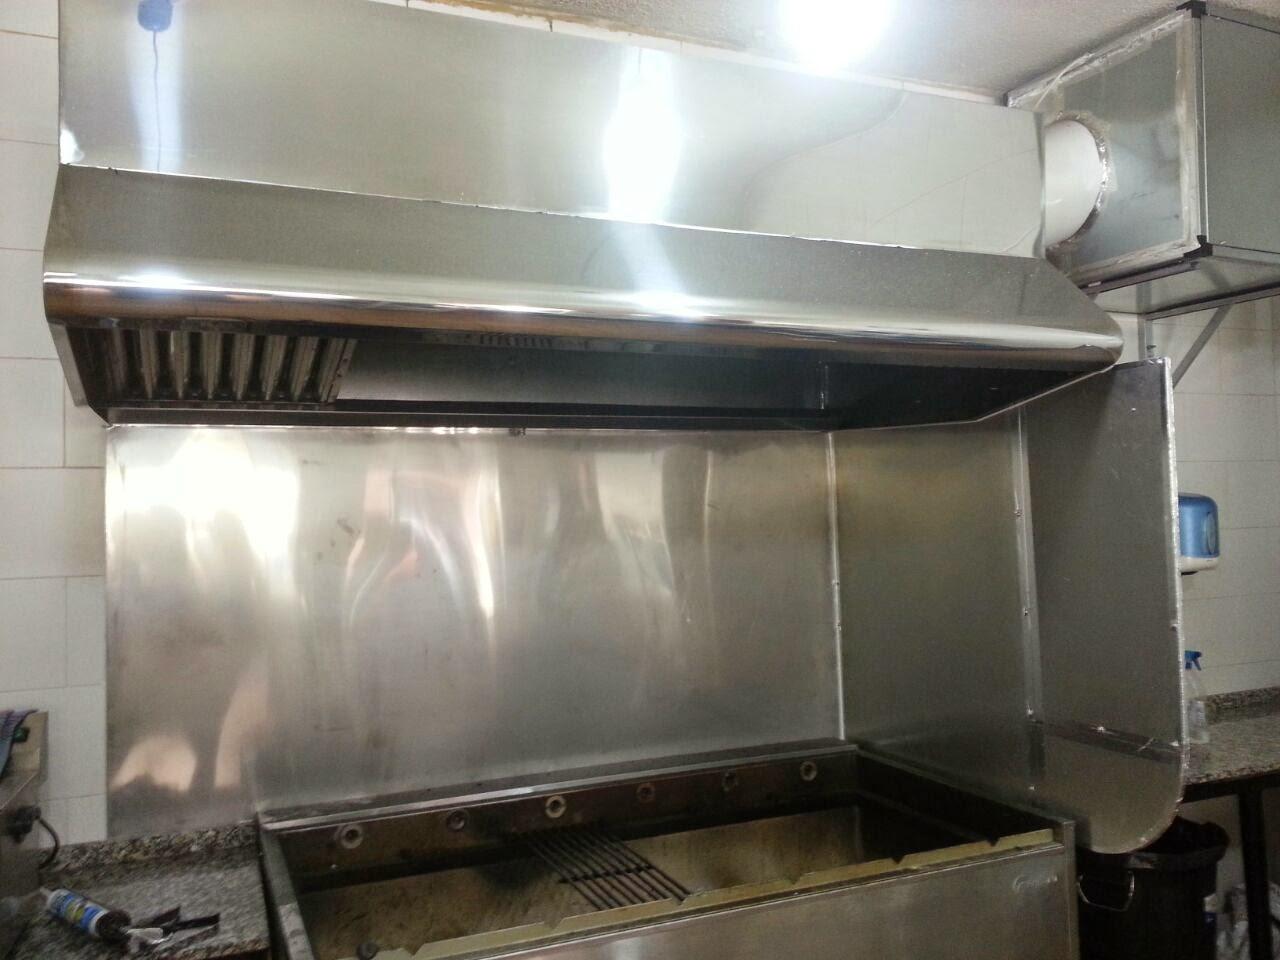 Evacuaci n de humos instalaci n de extractores trabajos - Extractores de humos para cocinas ...